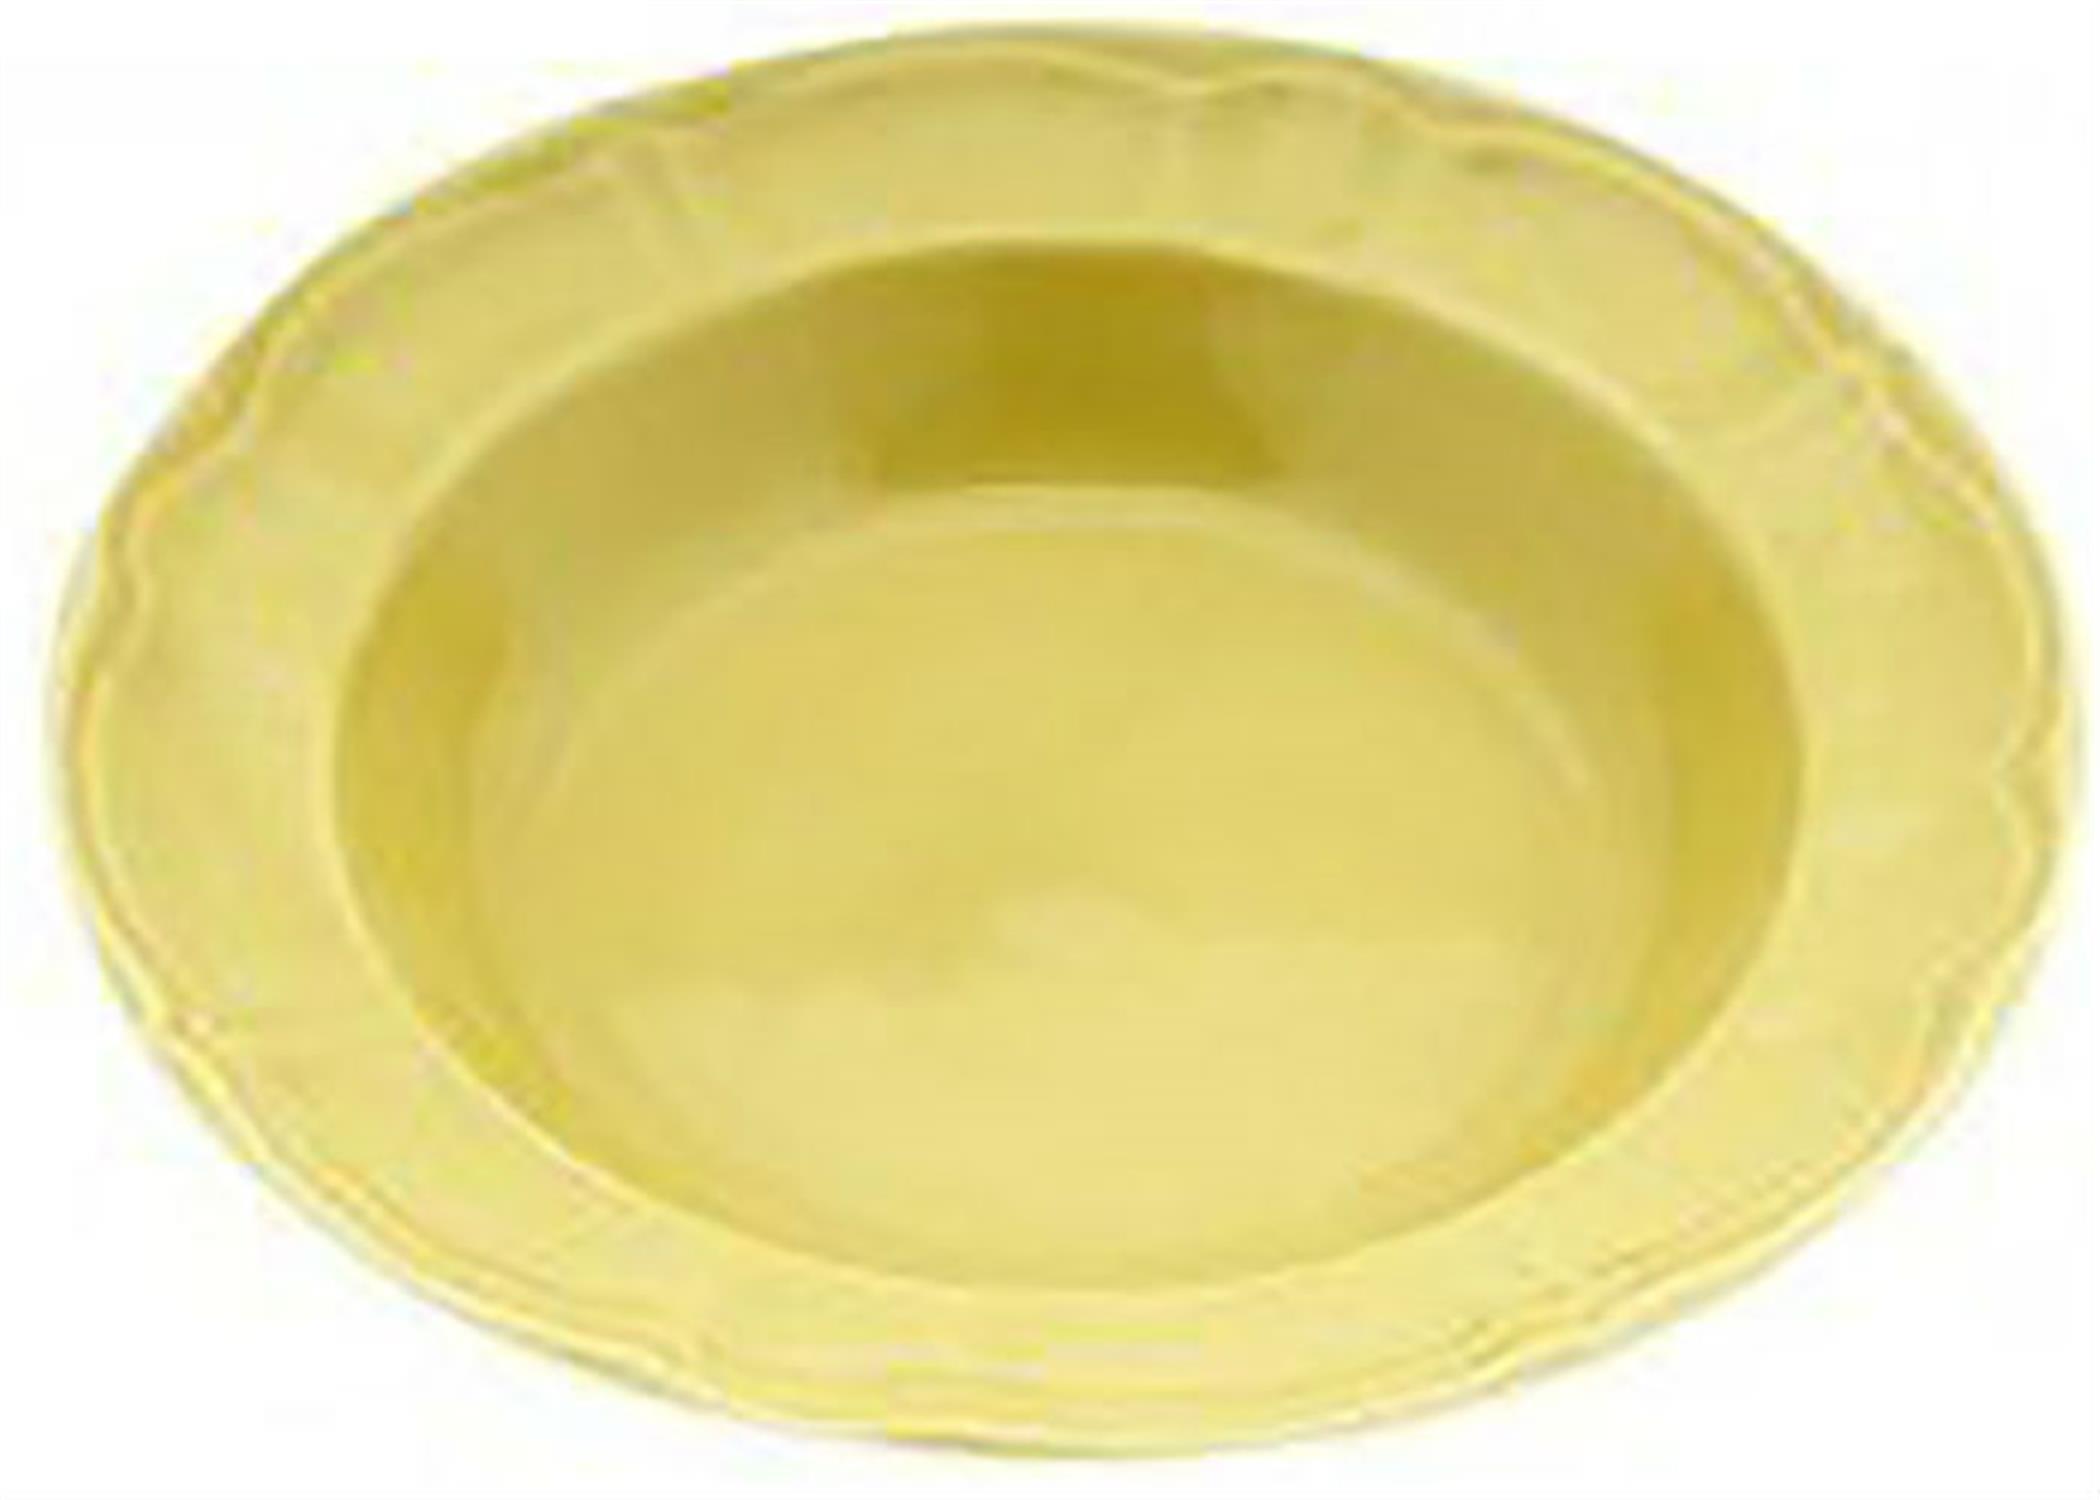 Πιάτο κεραμικό βαθύ κίτρινο 22cm Venus 89561